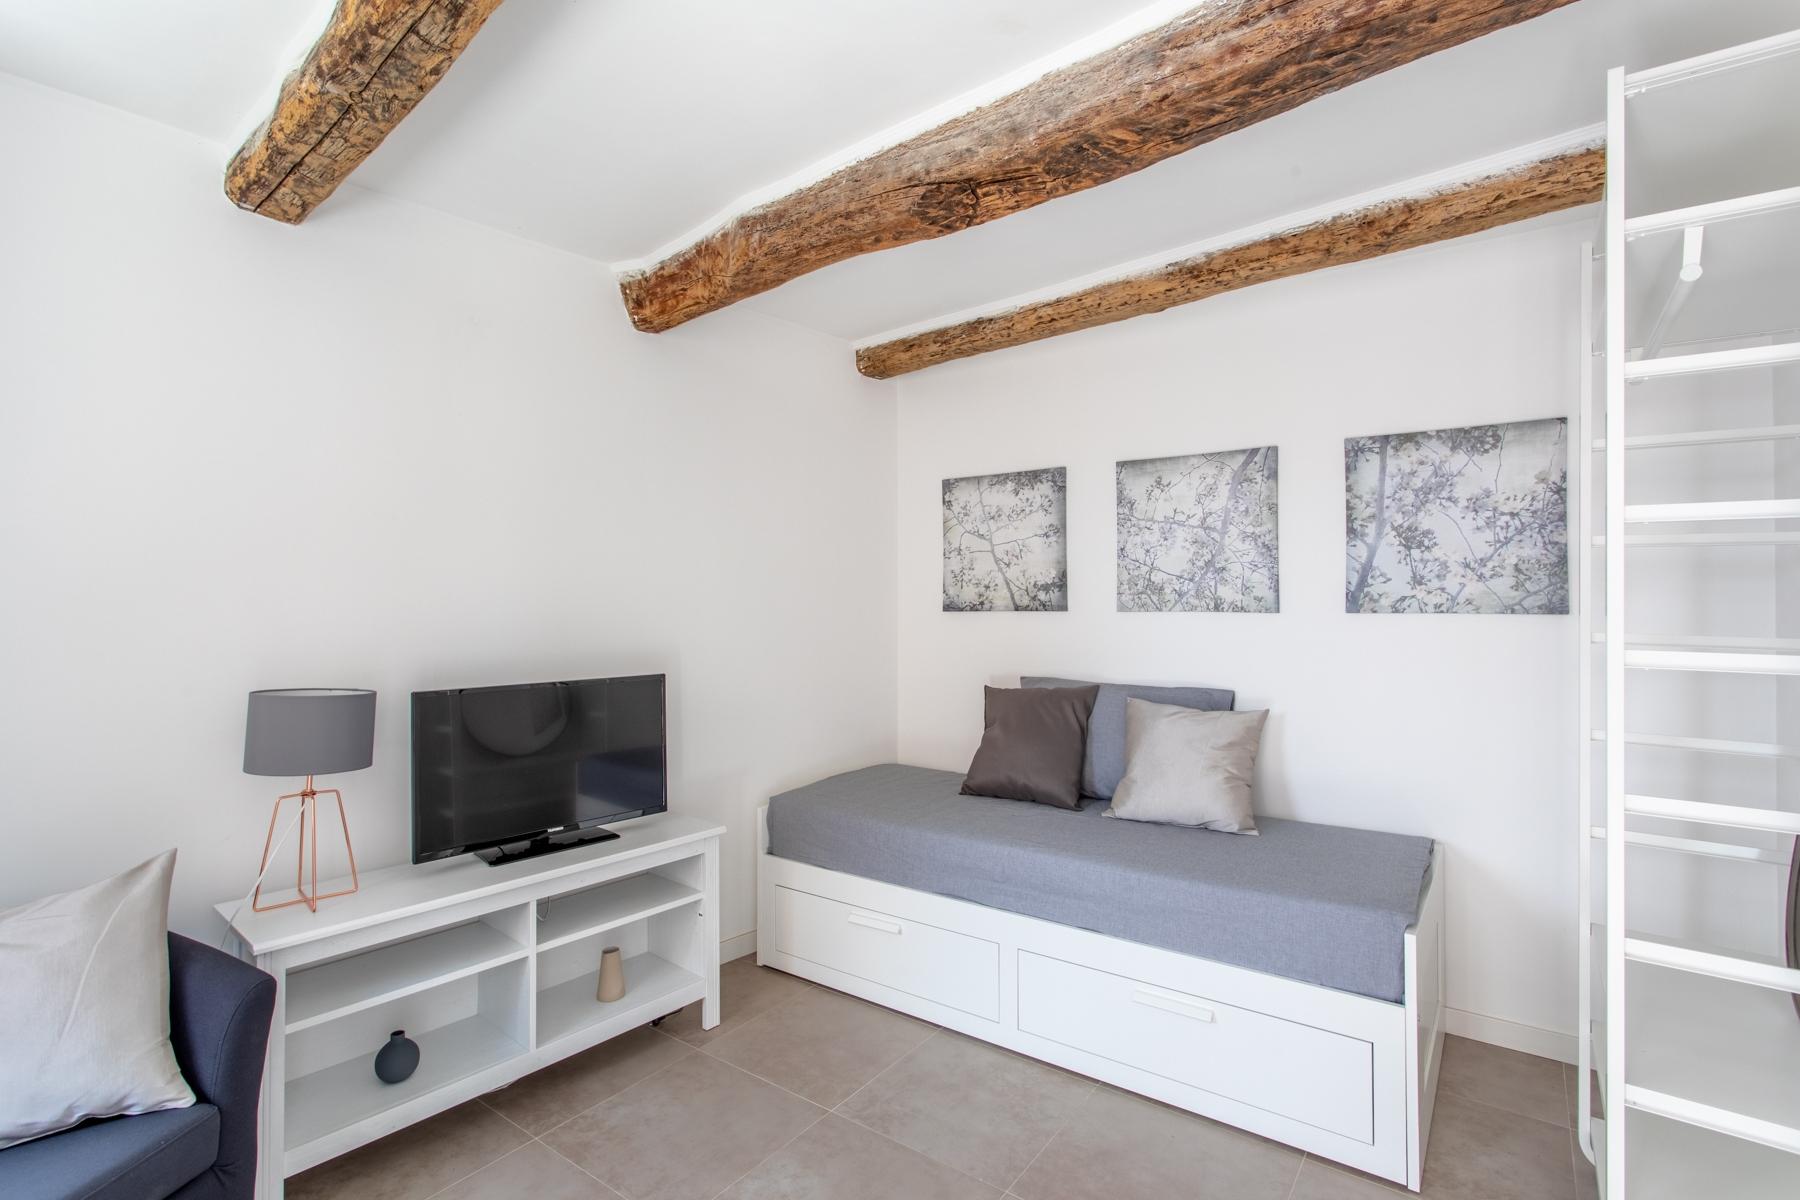 Appartamento in Vendita a Trevignano Romano: 4 locali, 85 mq - Foto 16